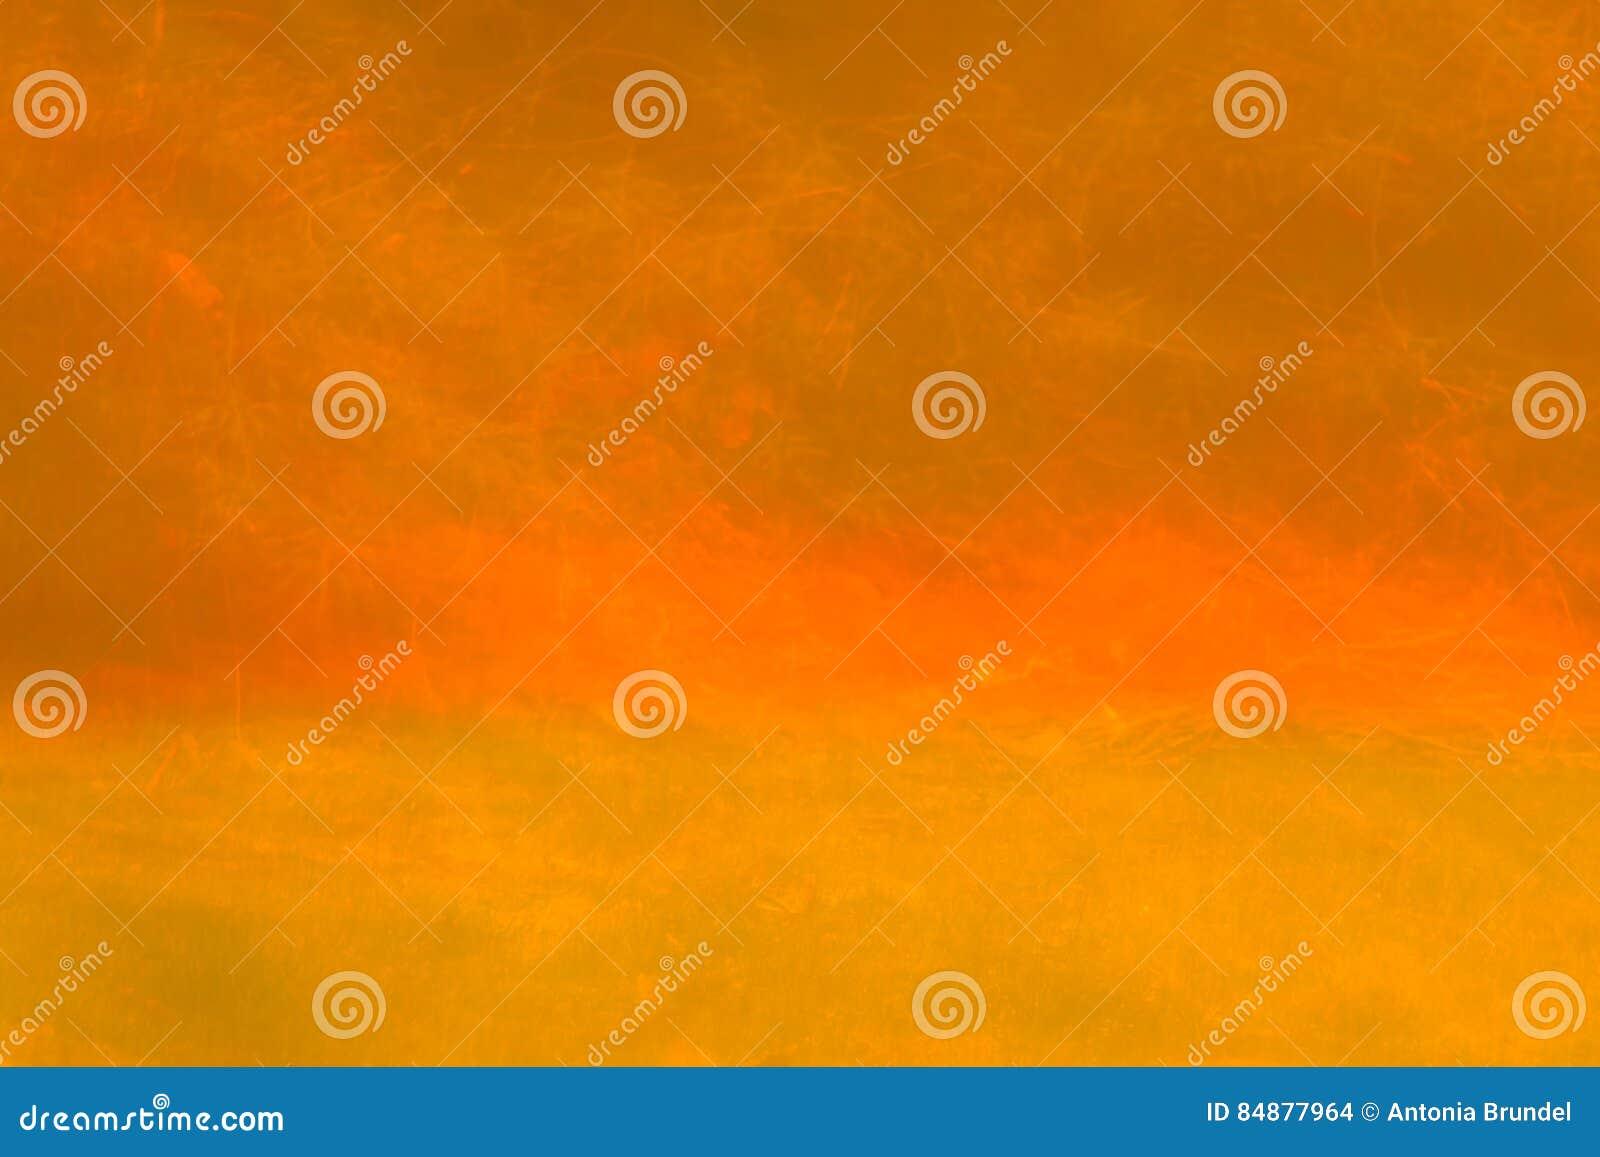 Abstrakcjonistycznej sztuki pomarańczowy kolor tła wektora